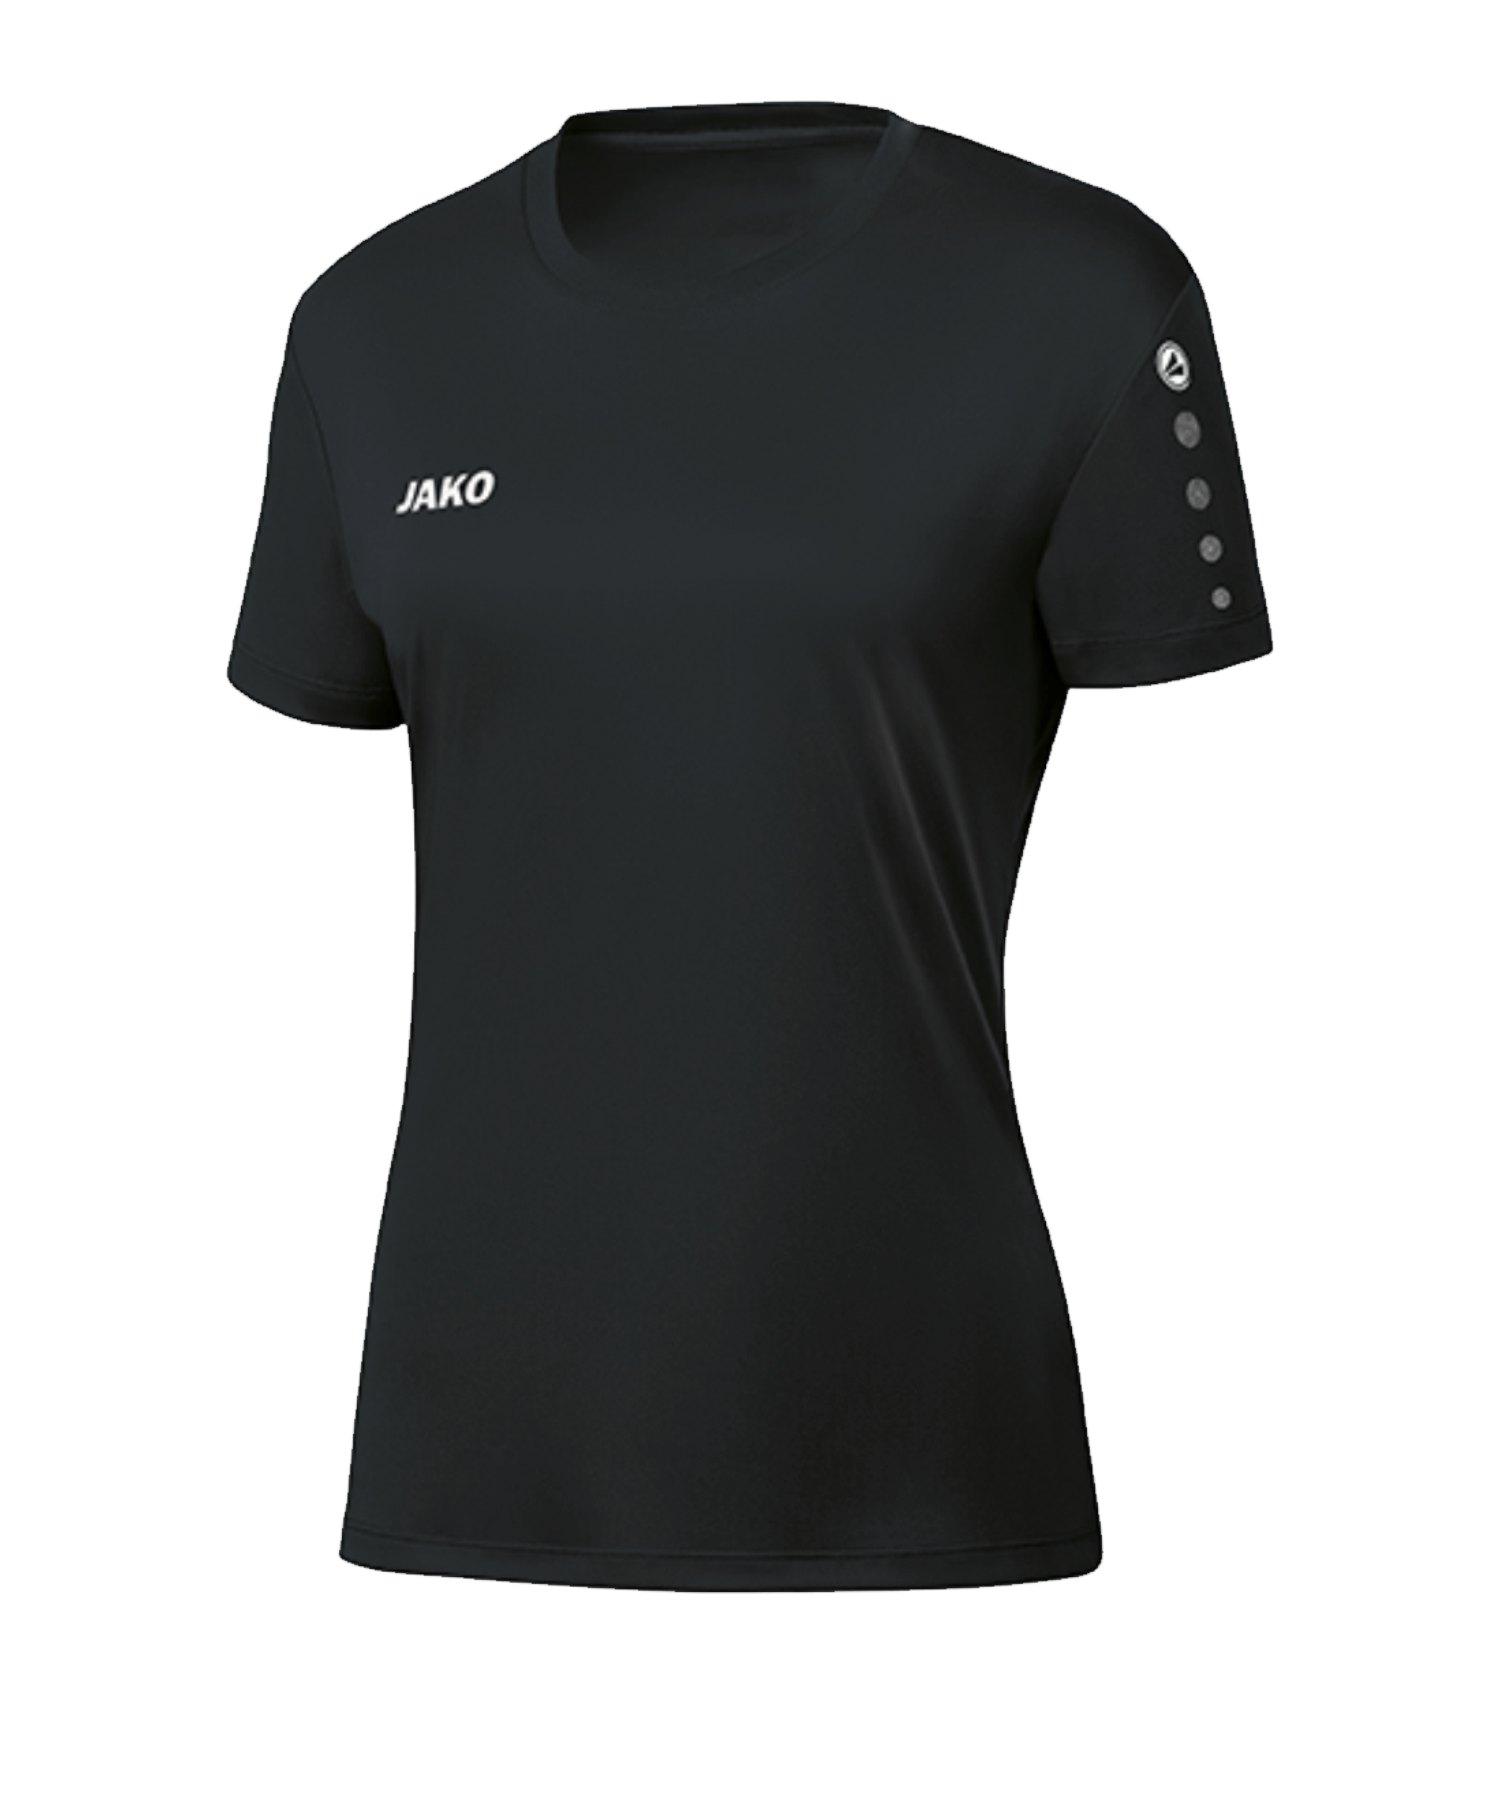 JAKO Team Trikot Damen Schwarz F08 - schwarz